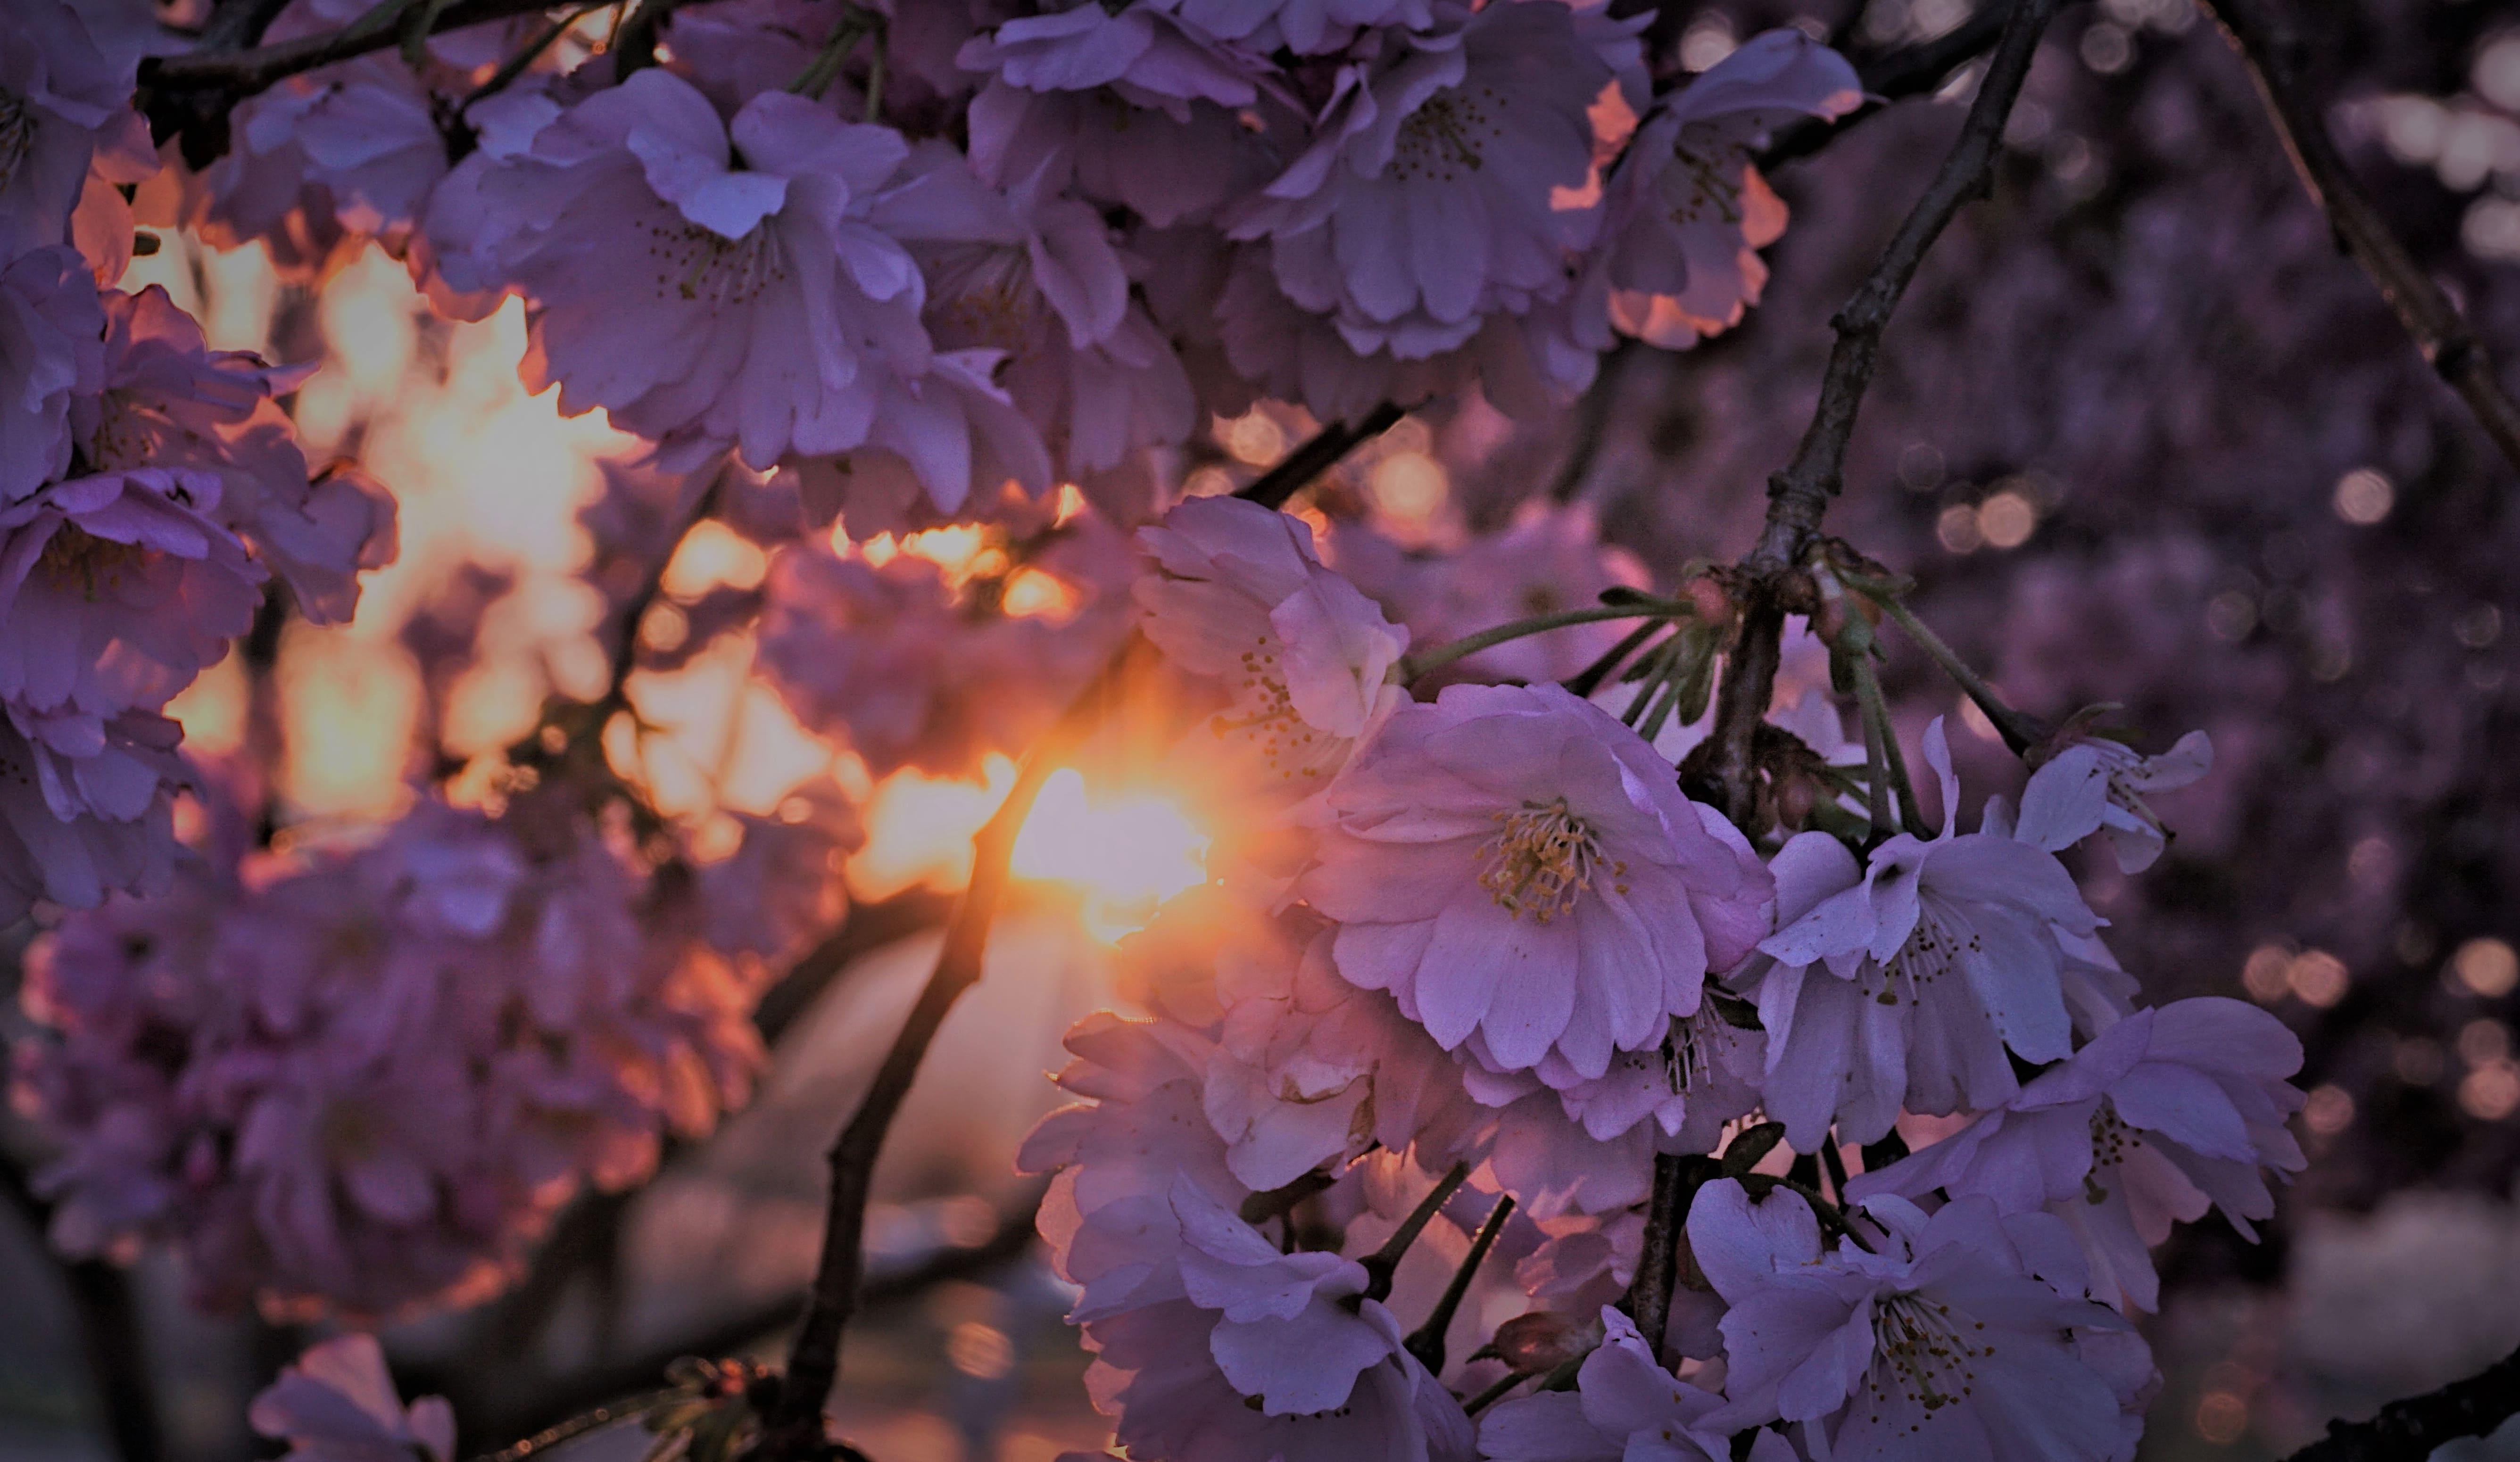 sakura-in-bloom-51